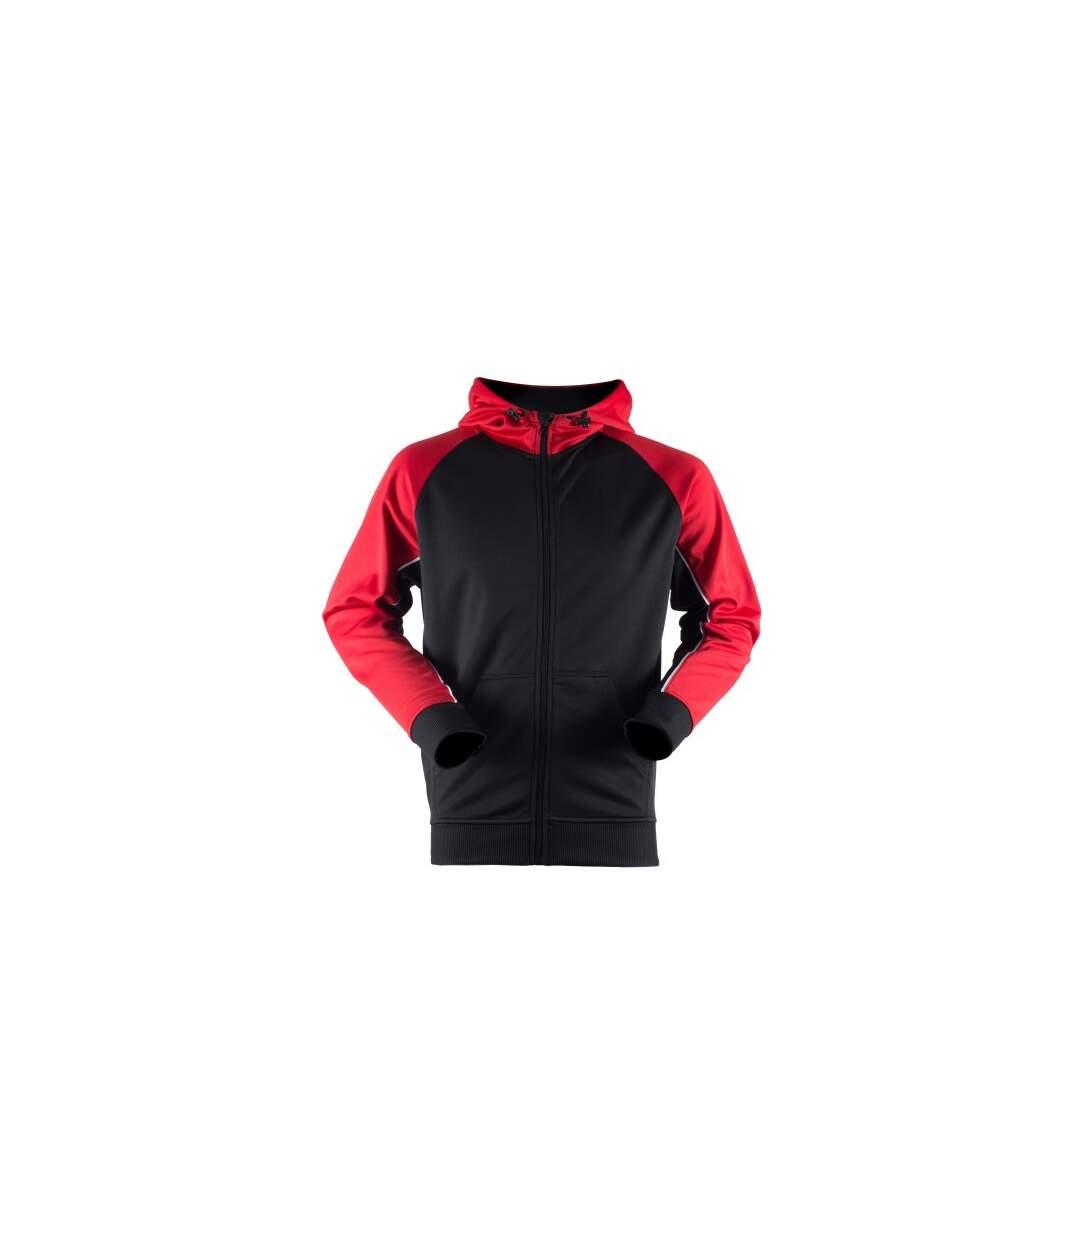 Finden & Hales Mens Moisture Wicking Panelled Sports Hoodie (Black/Gun Metal Grey/White) - UTRW4690